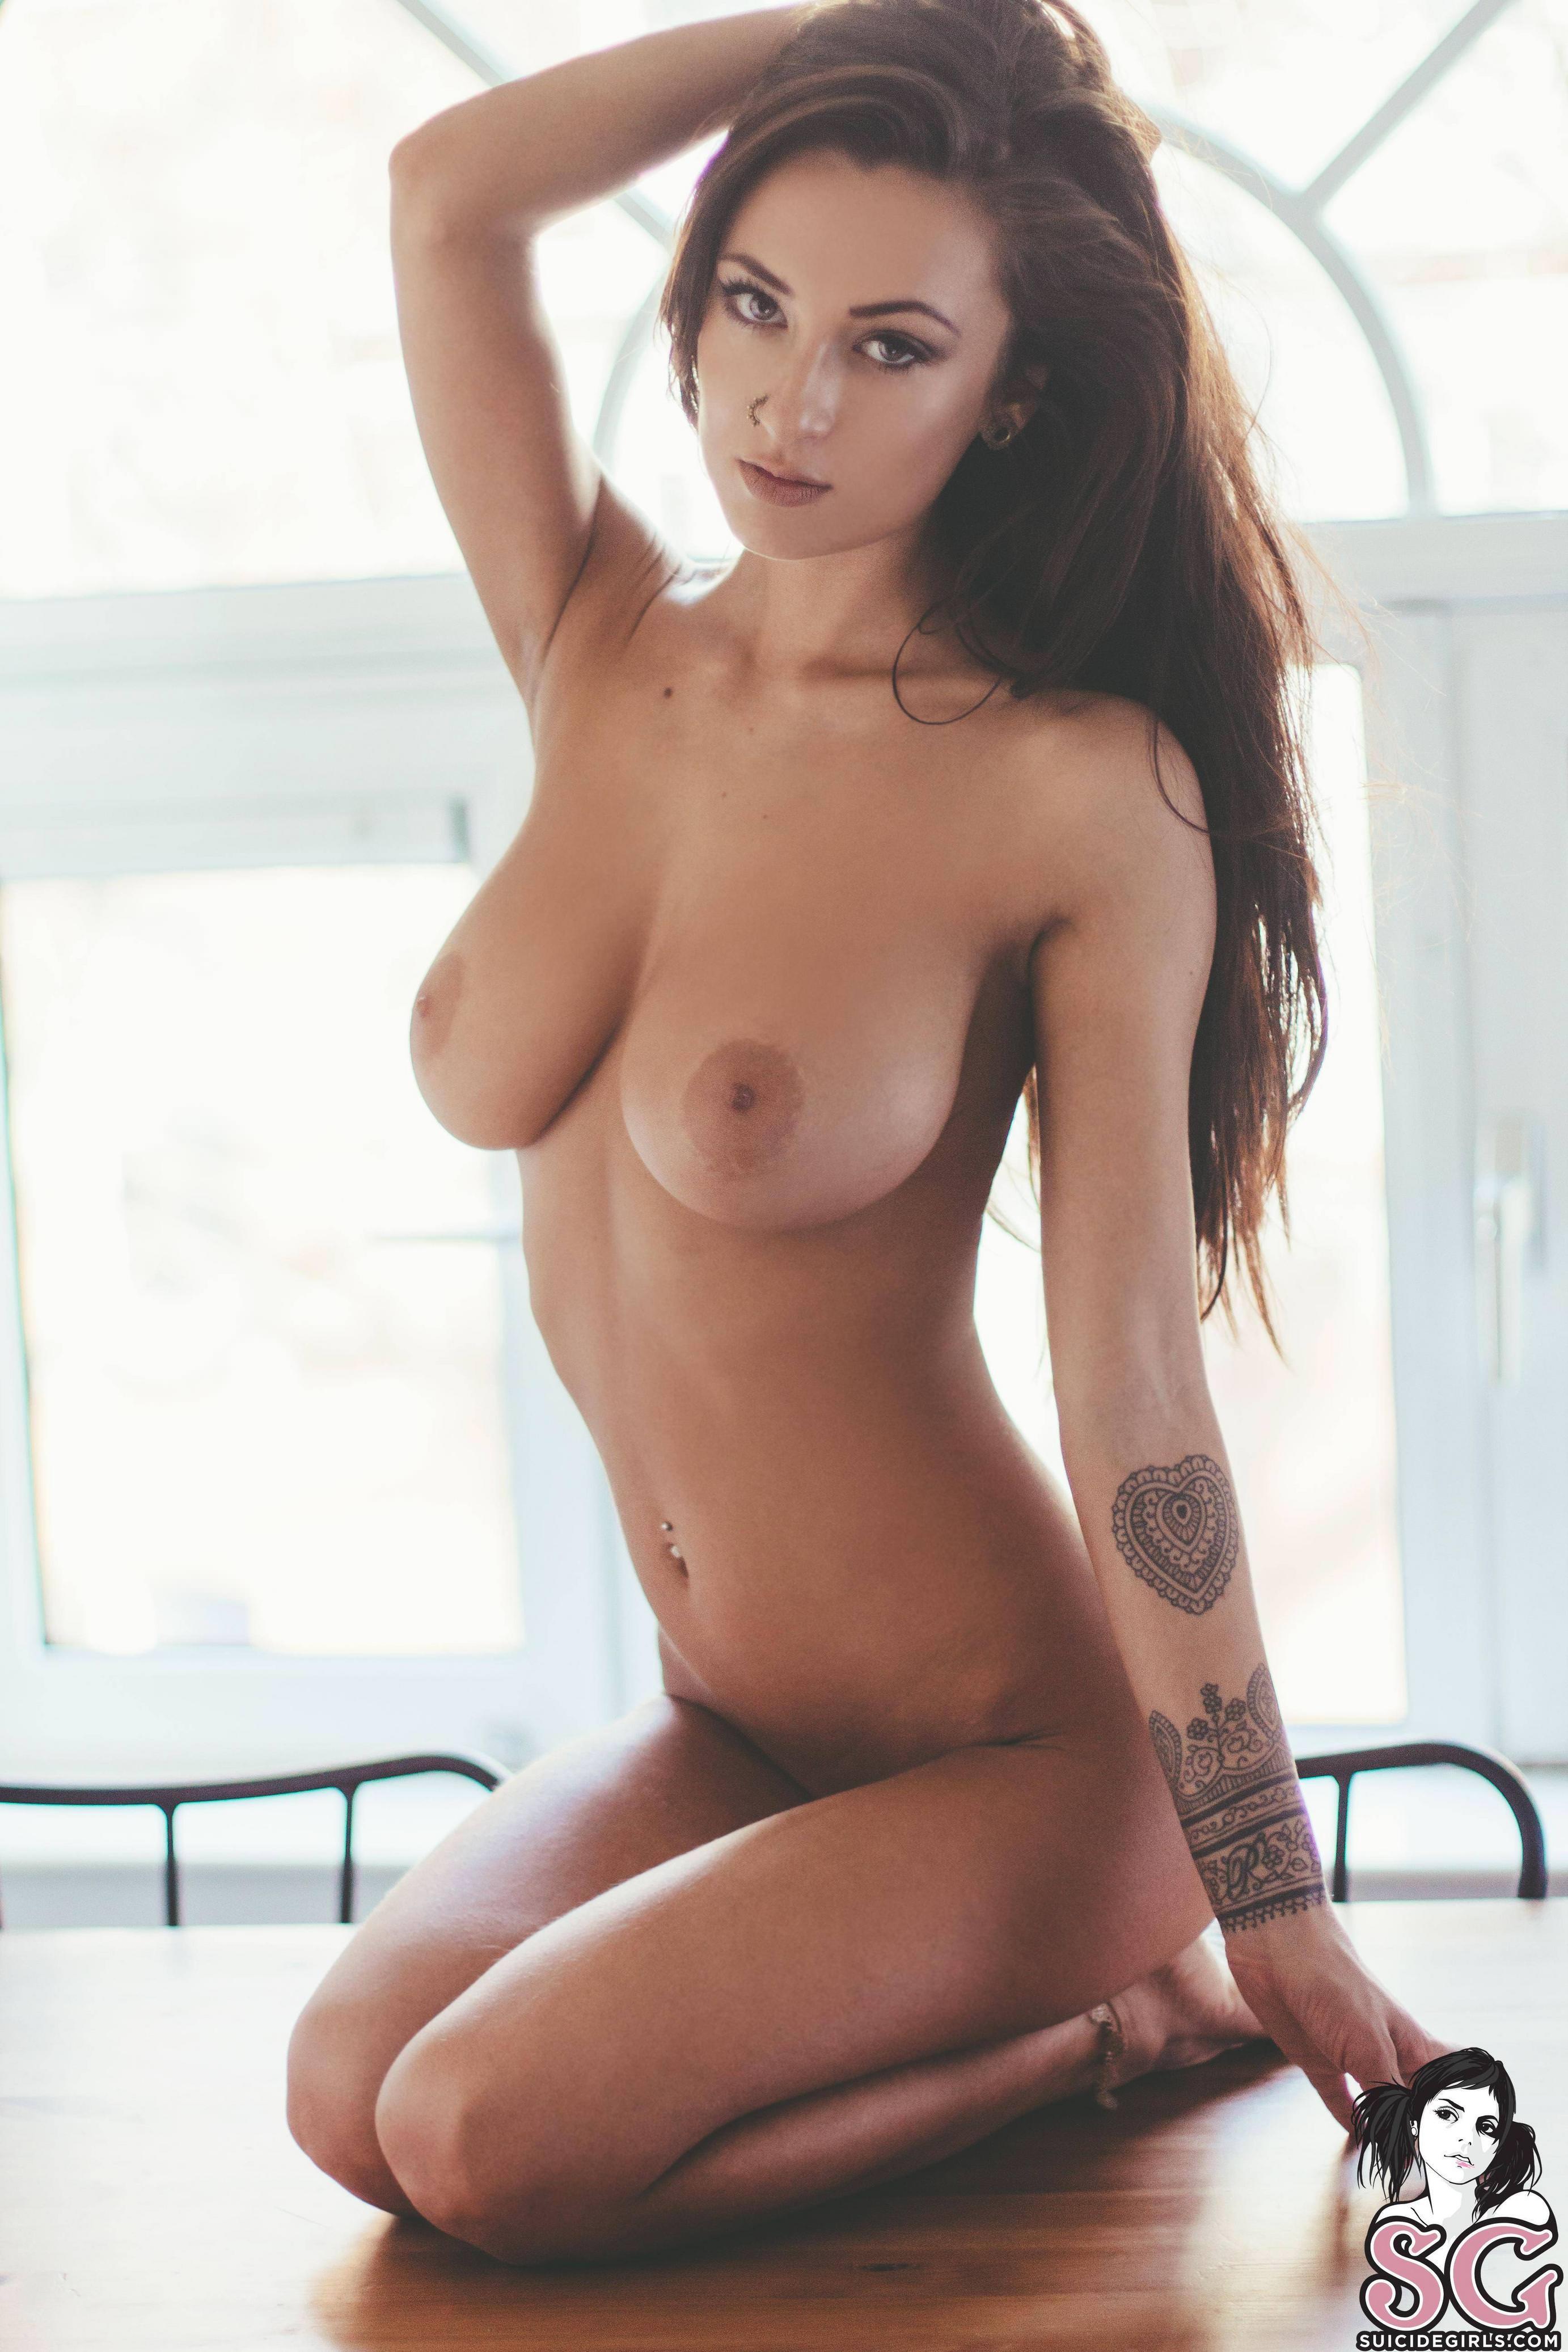 Yoonie bae nude